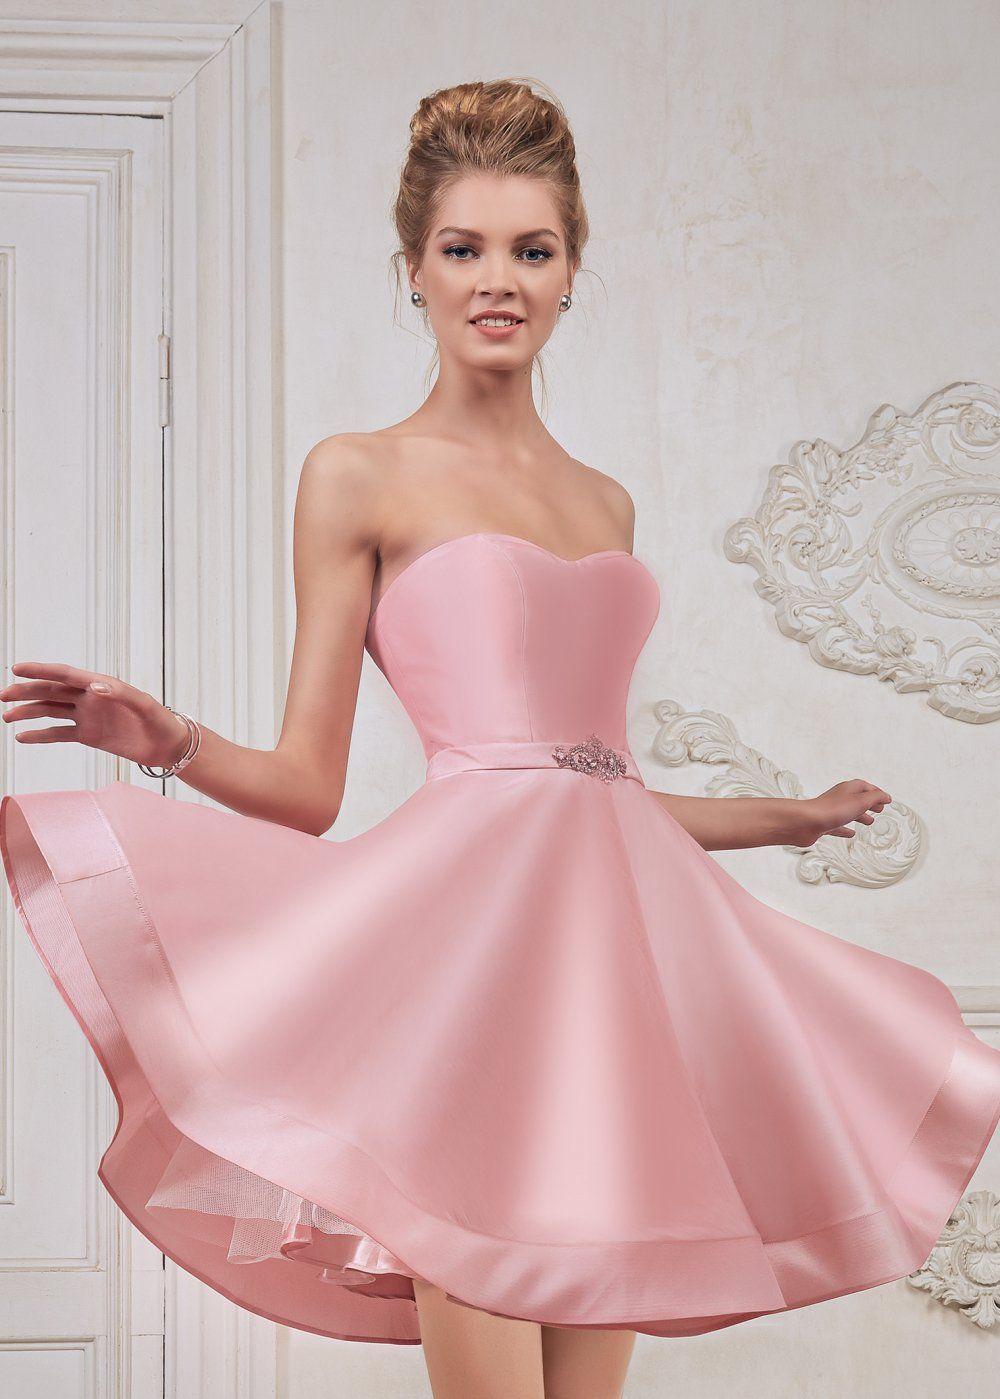 7c76645e1e7 Легкое атласное платье с открытыми плечами FA089B купить в интернет-магазине  TobeBride